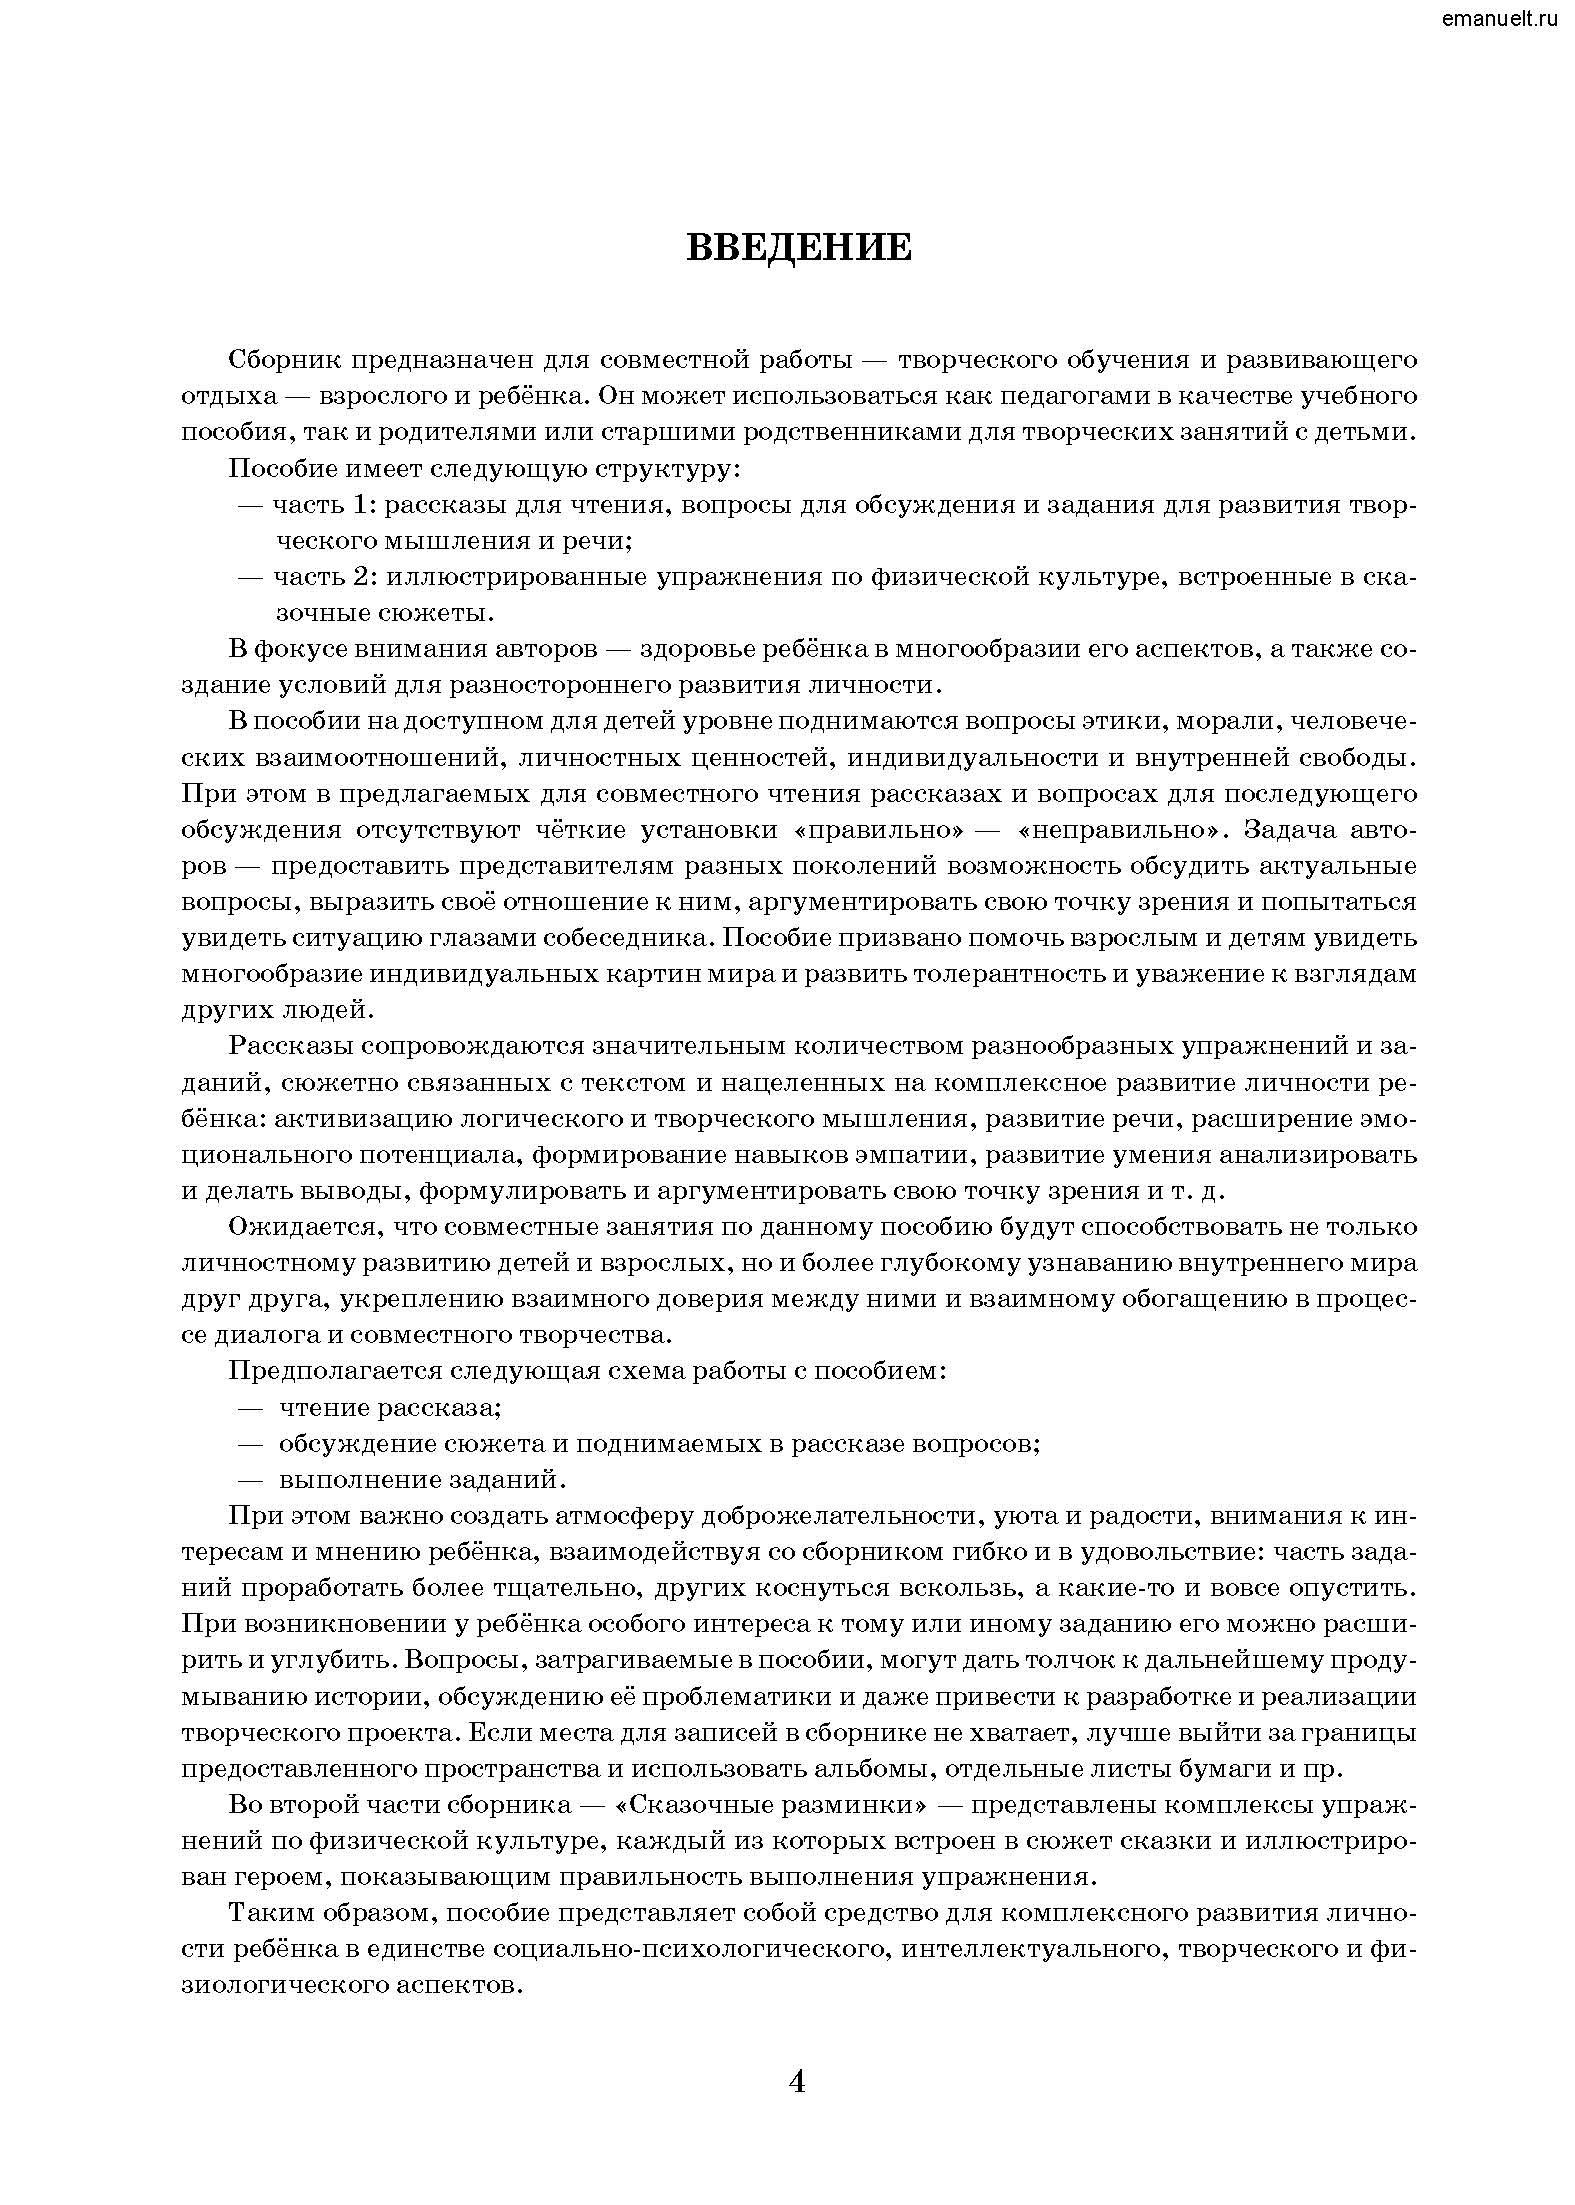 Рассказки в заданиях. emanuelt.ru_Страница_005